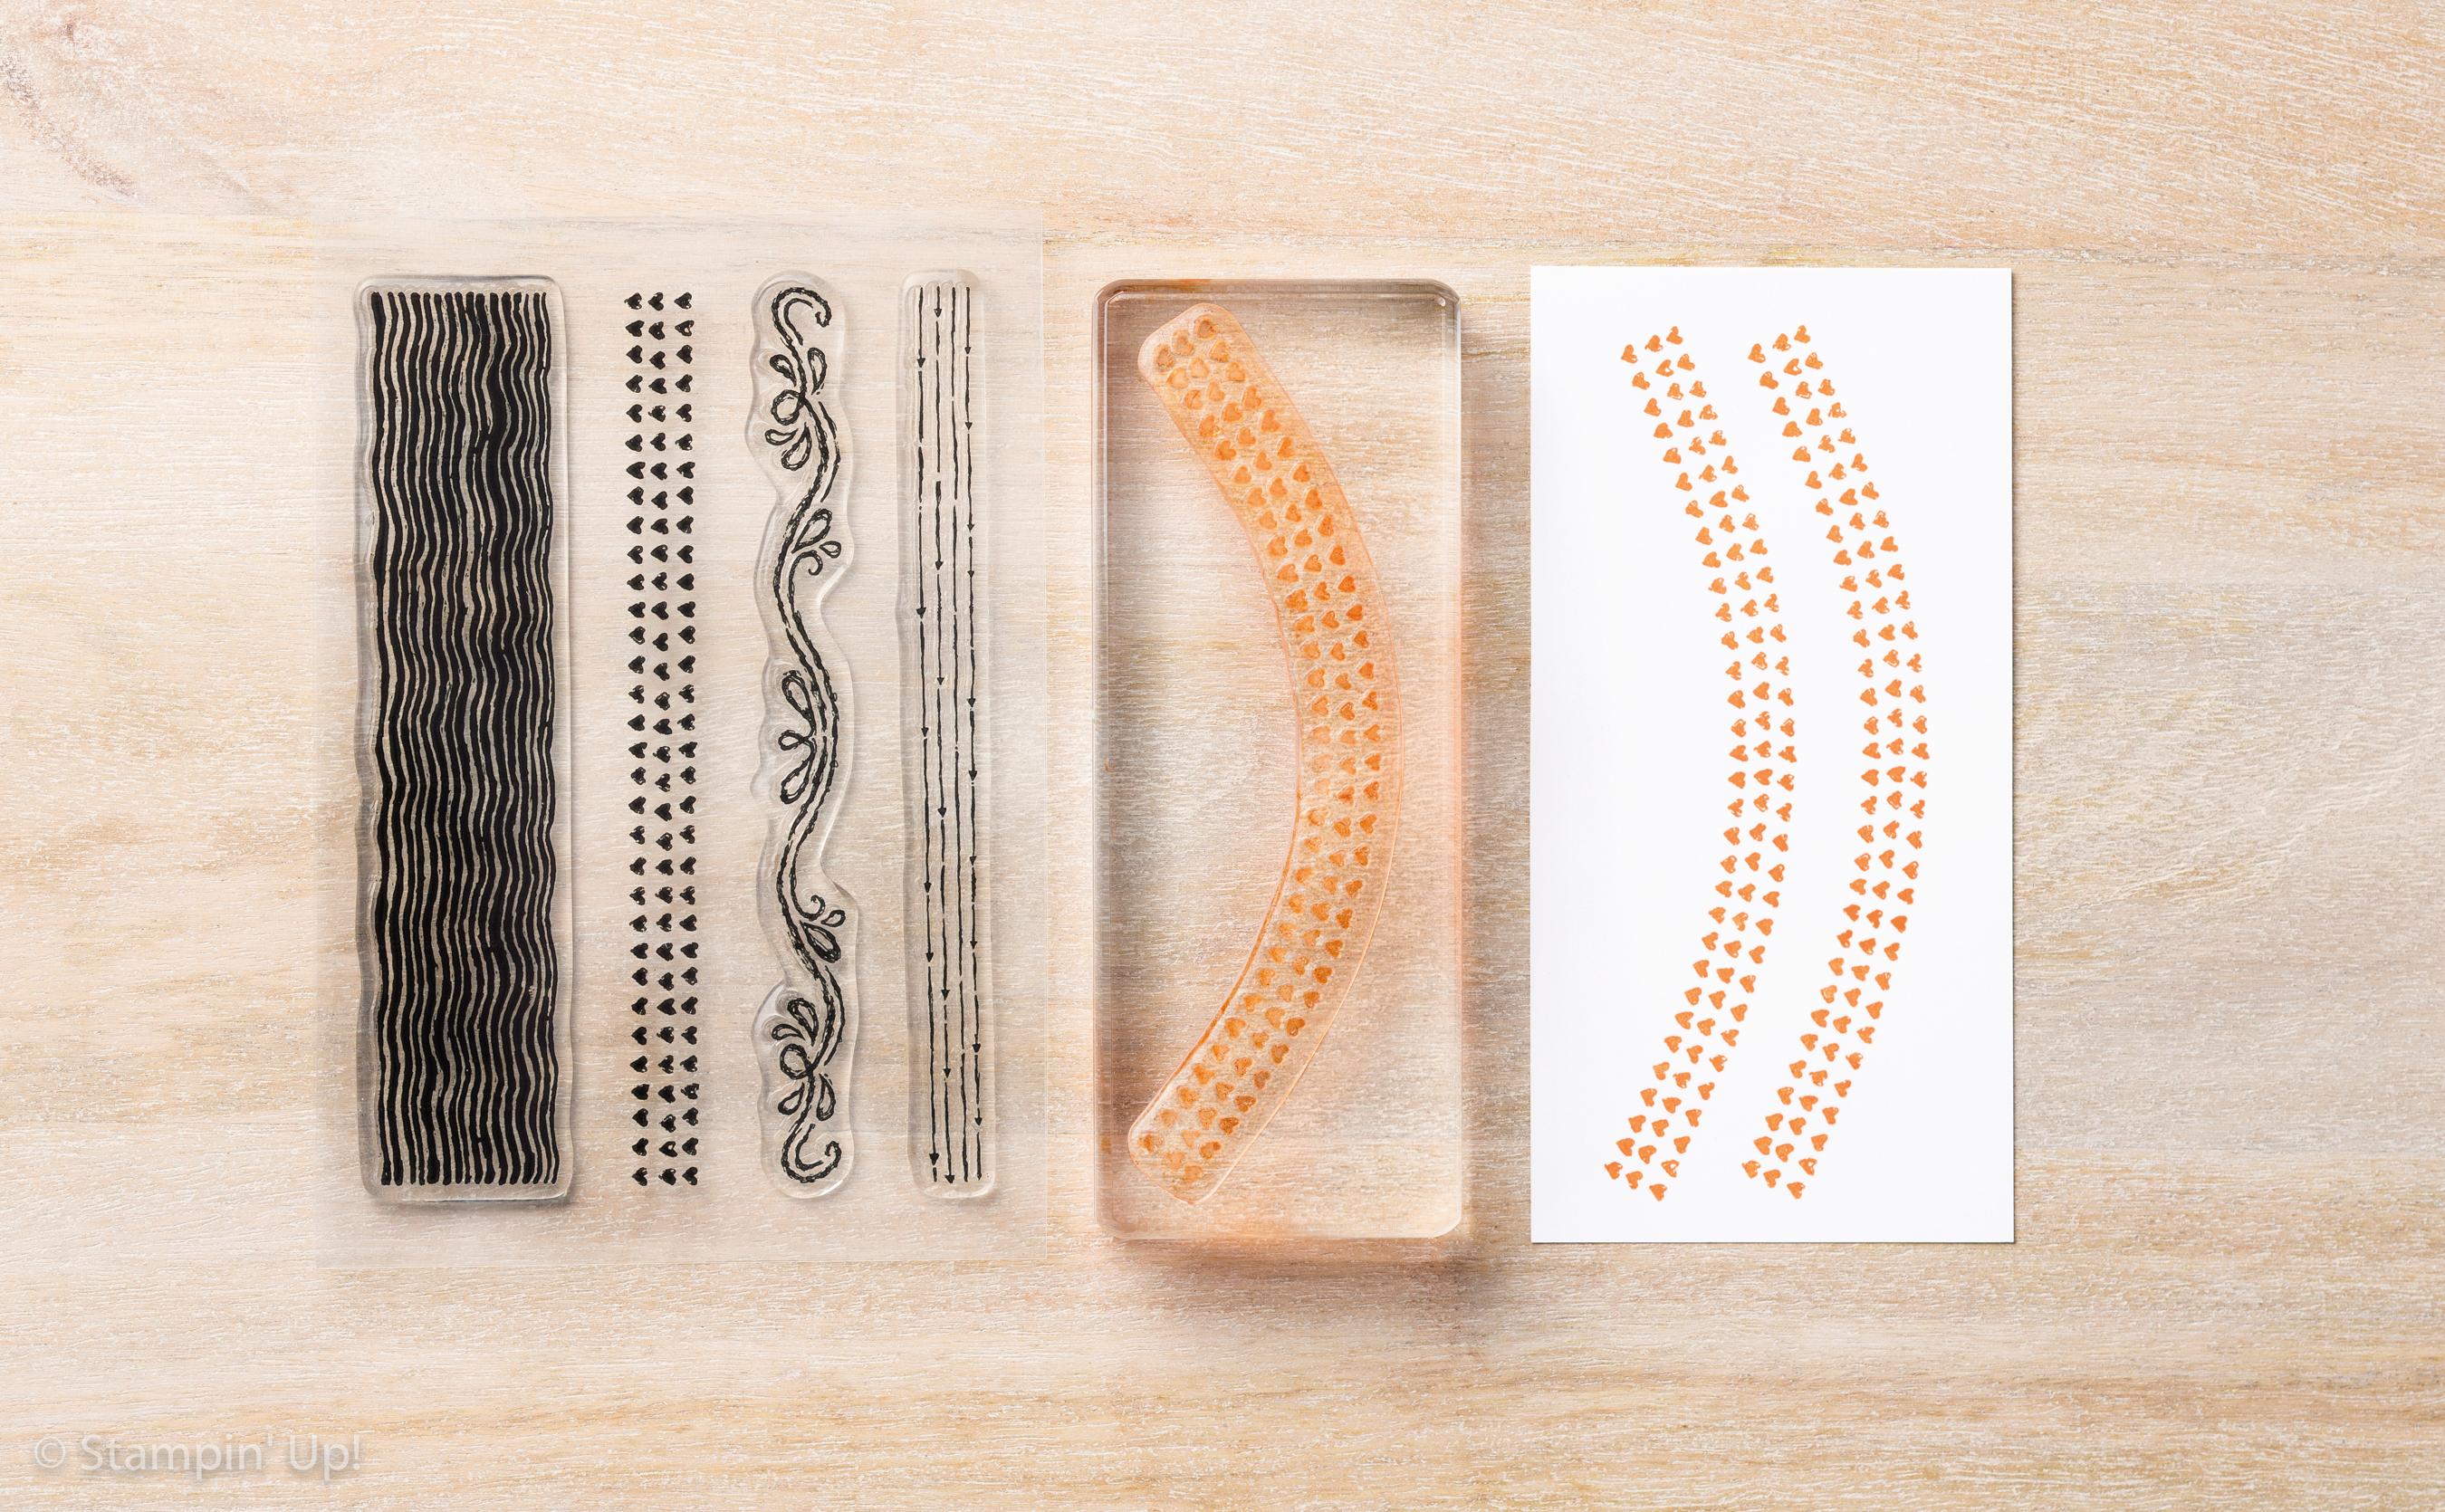 Klarischtstempel sind sehr flexibel und lassen sich unterscheidlich auf den Blöcken anbringen.